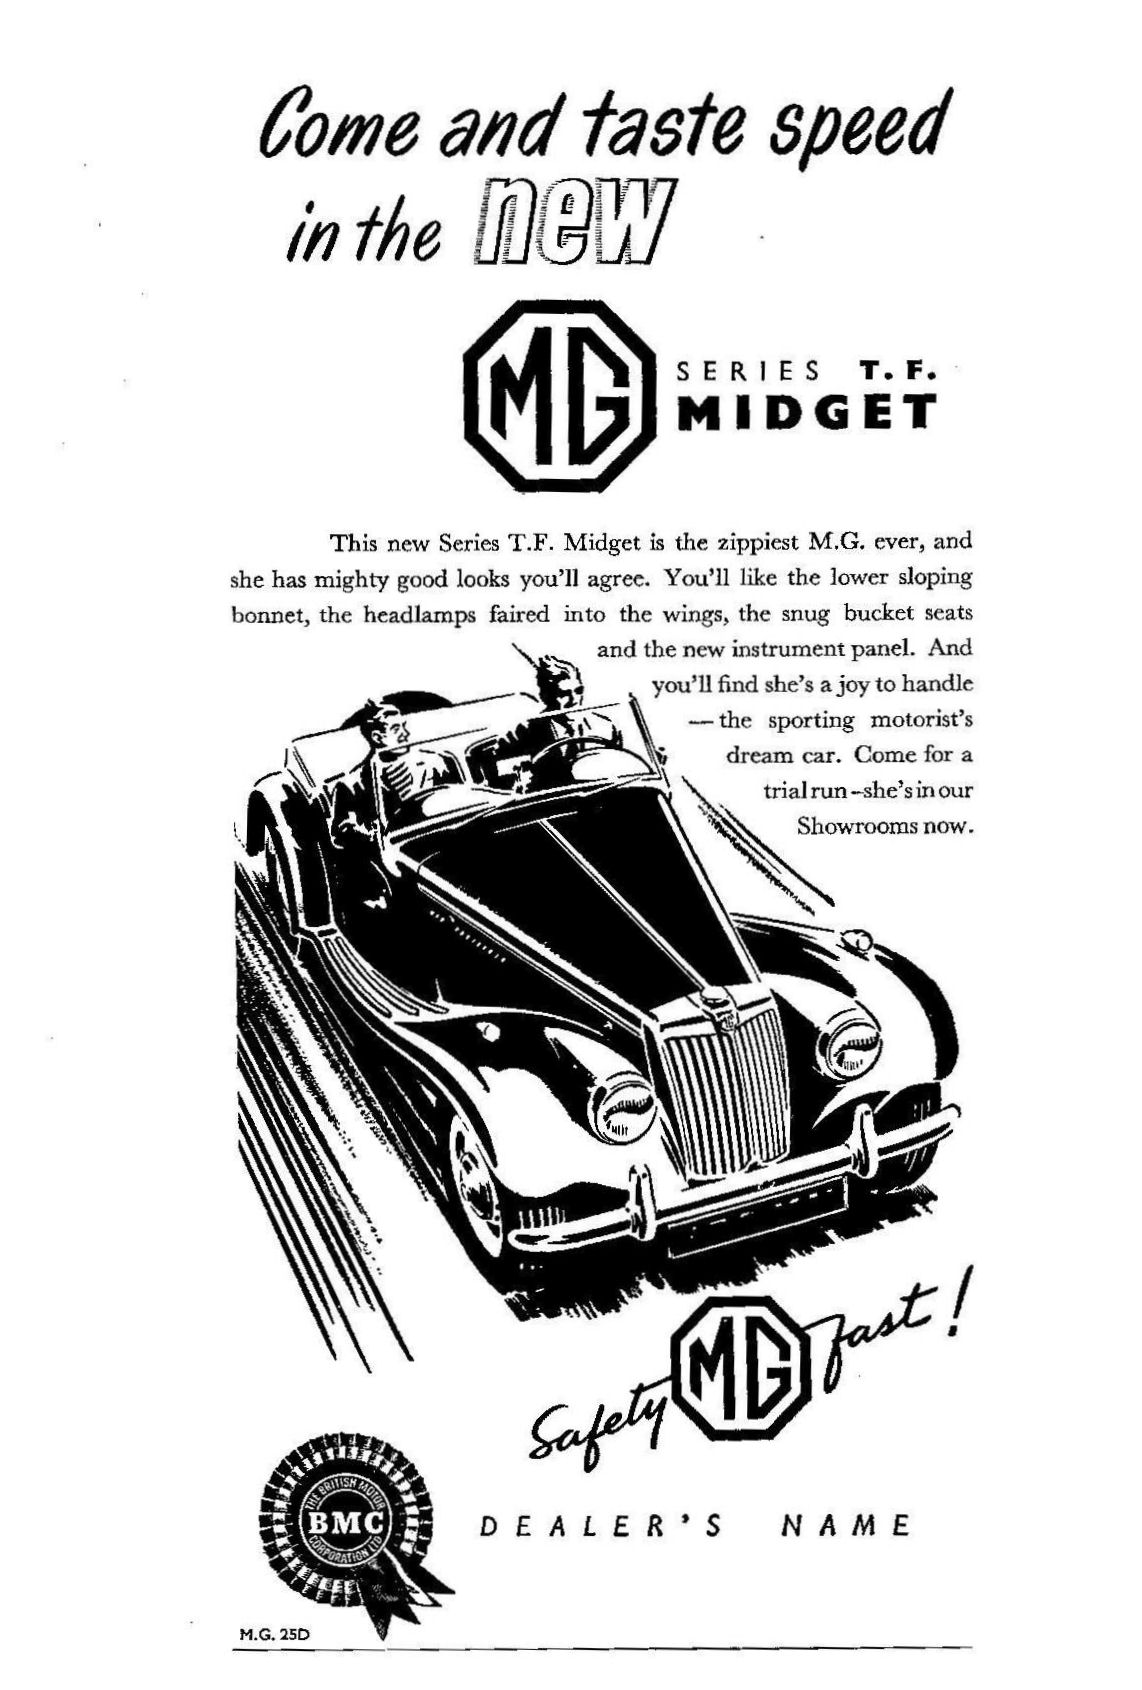 BMC Ads